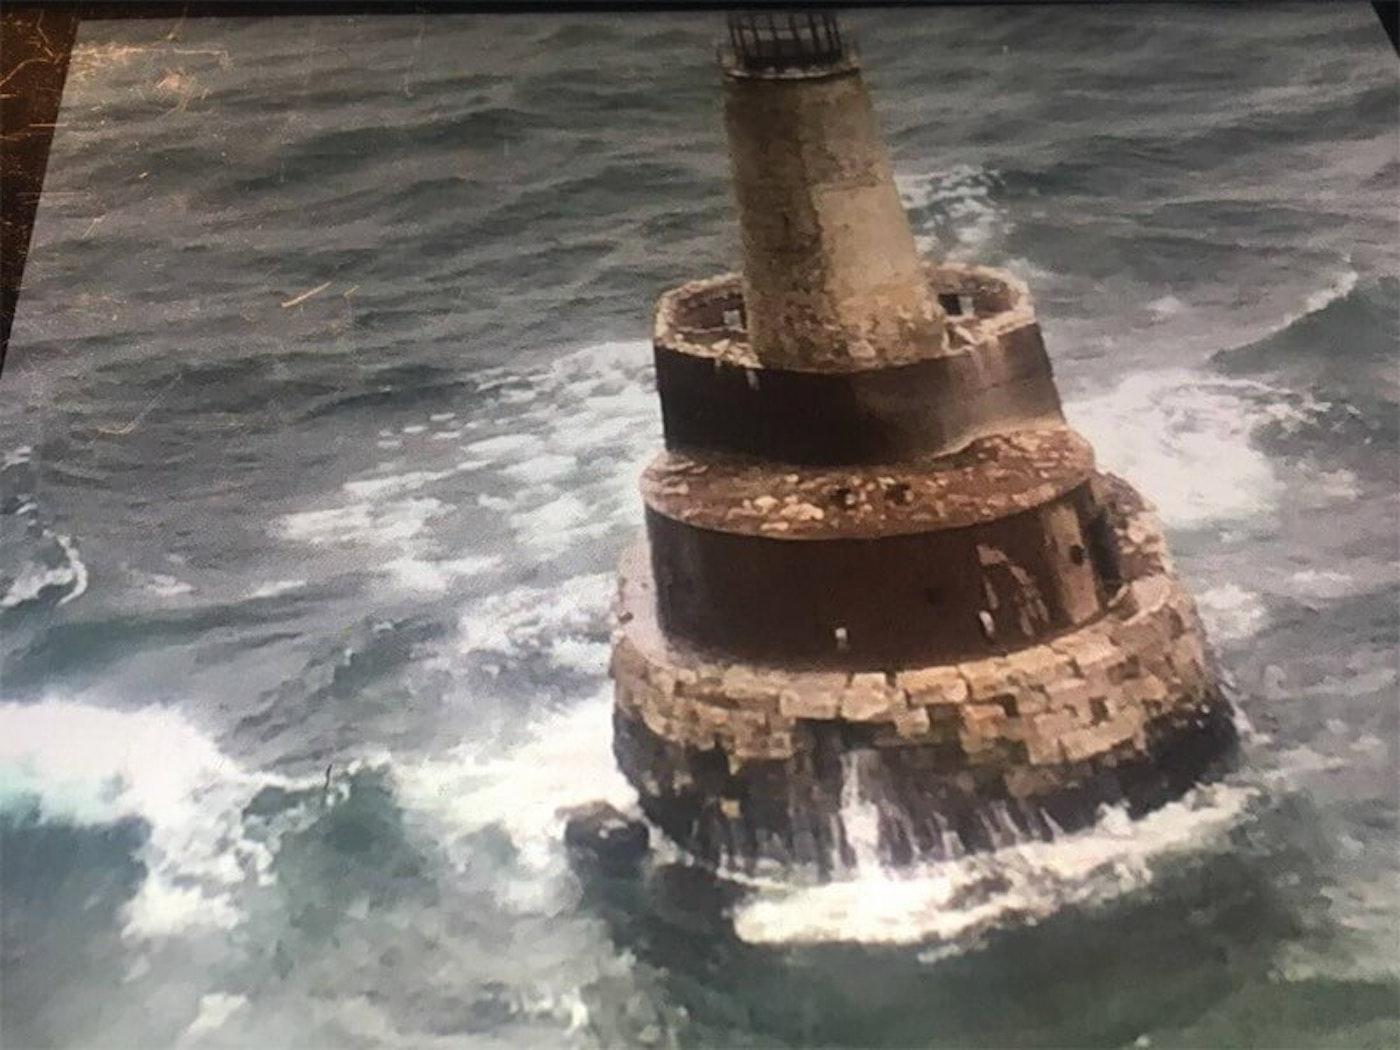 Photo courtesy the Waugoshance Lighthouse Preservation Society